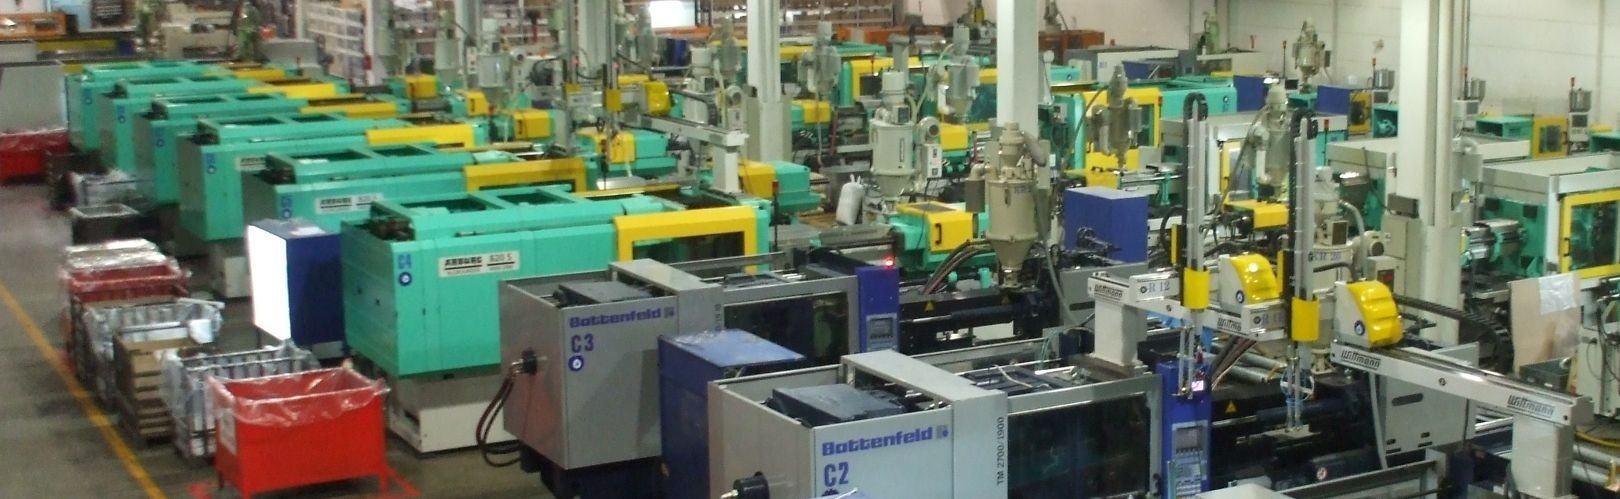 Avtomatizacija in obračun proizvodnje